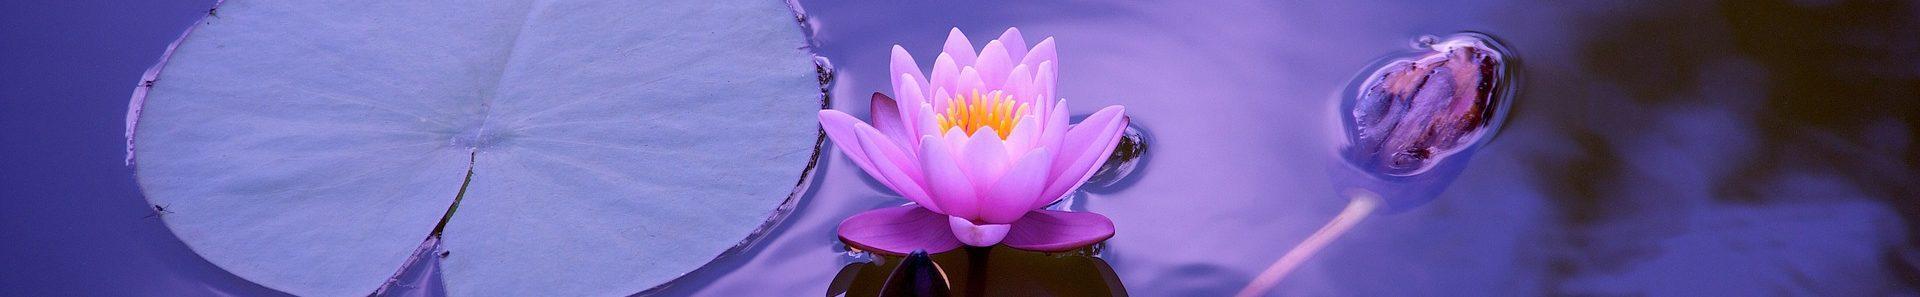 Canada Yoga Vedanta Org